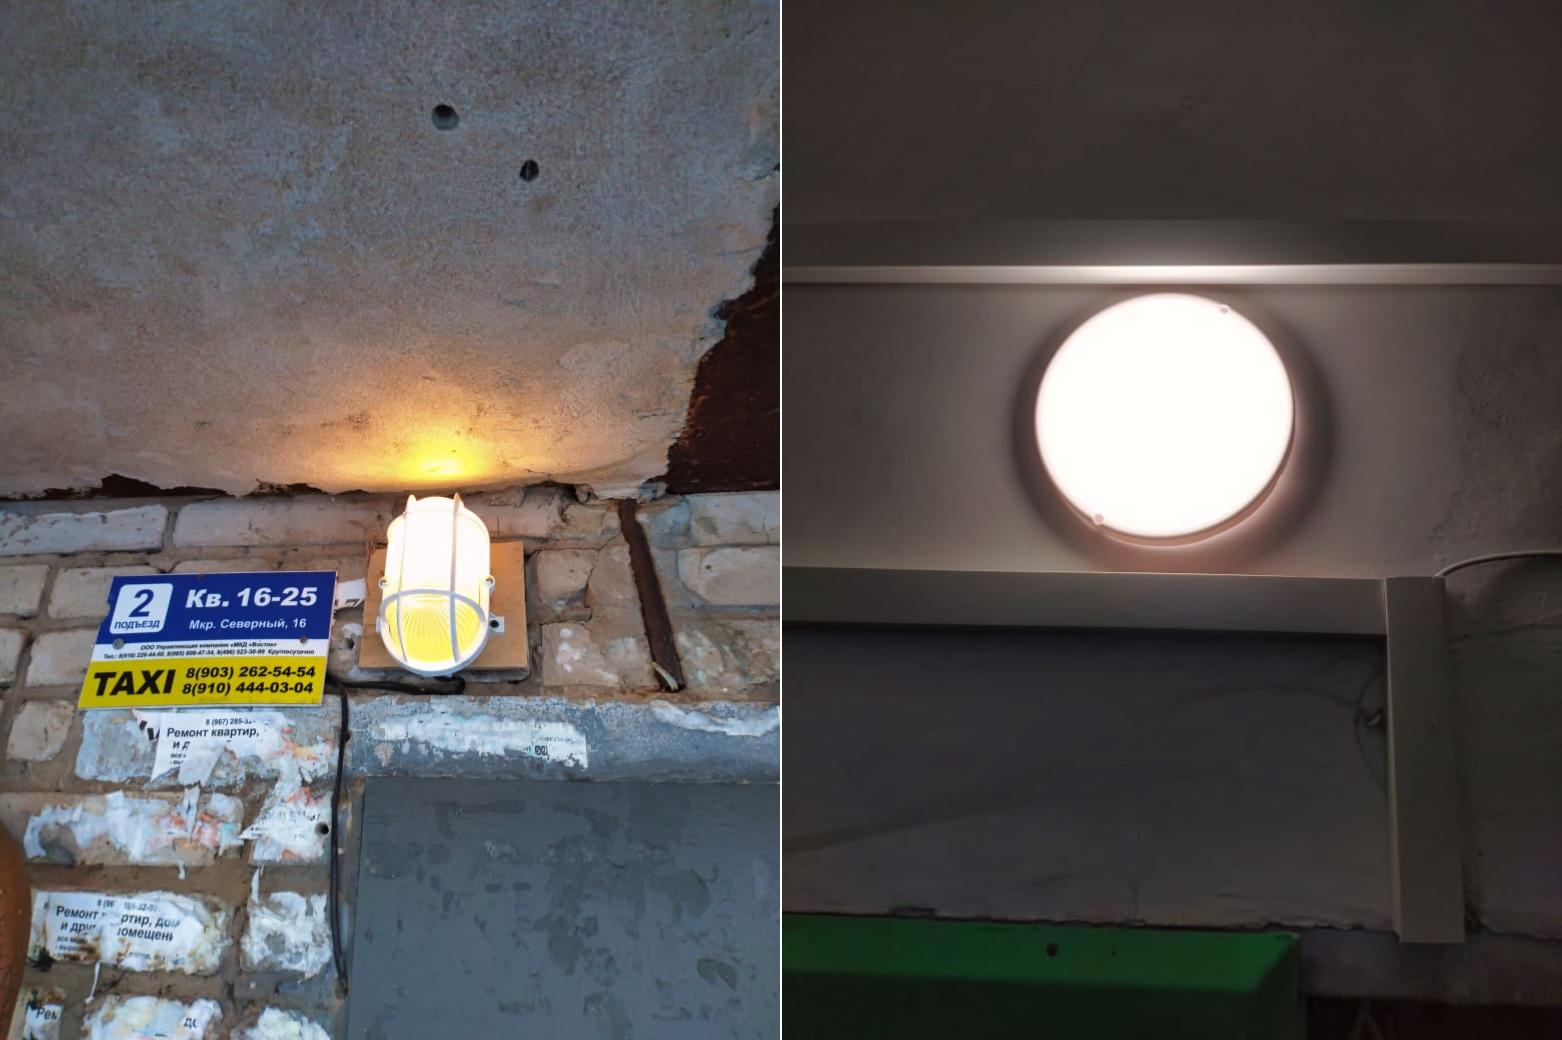 Установили новое освещение во втором подъезде в Северном, 16